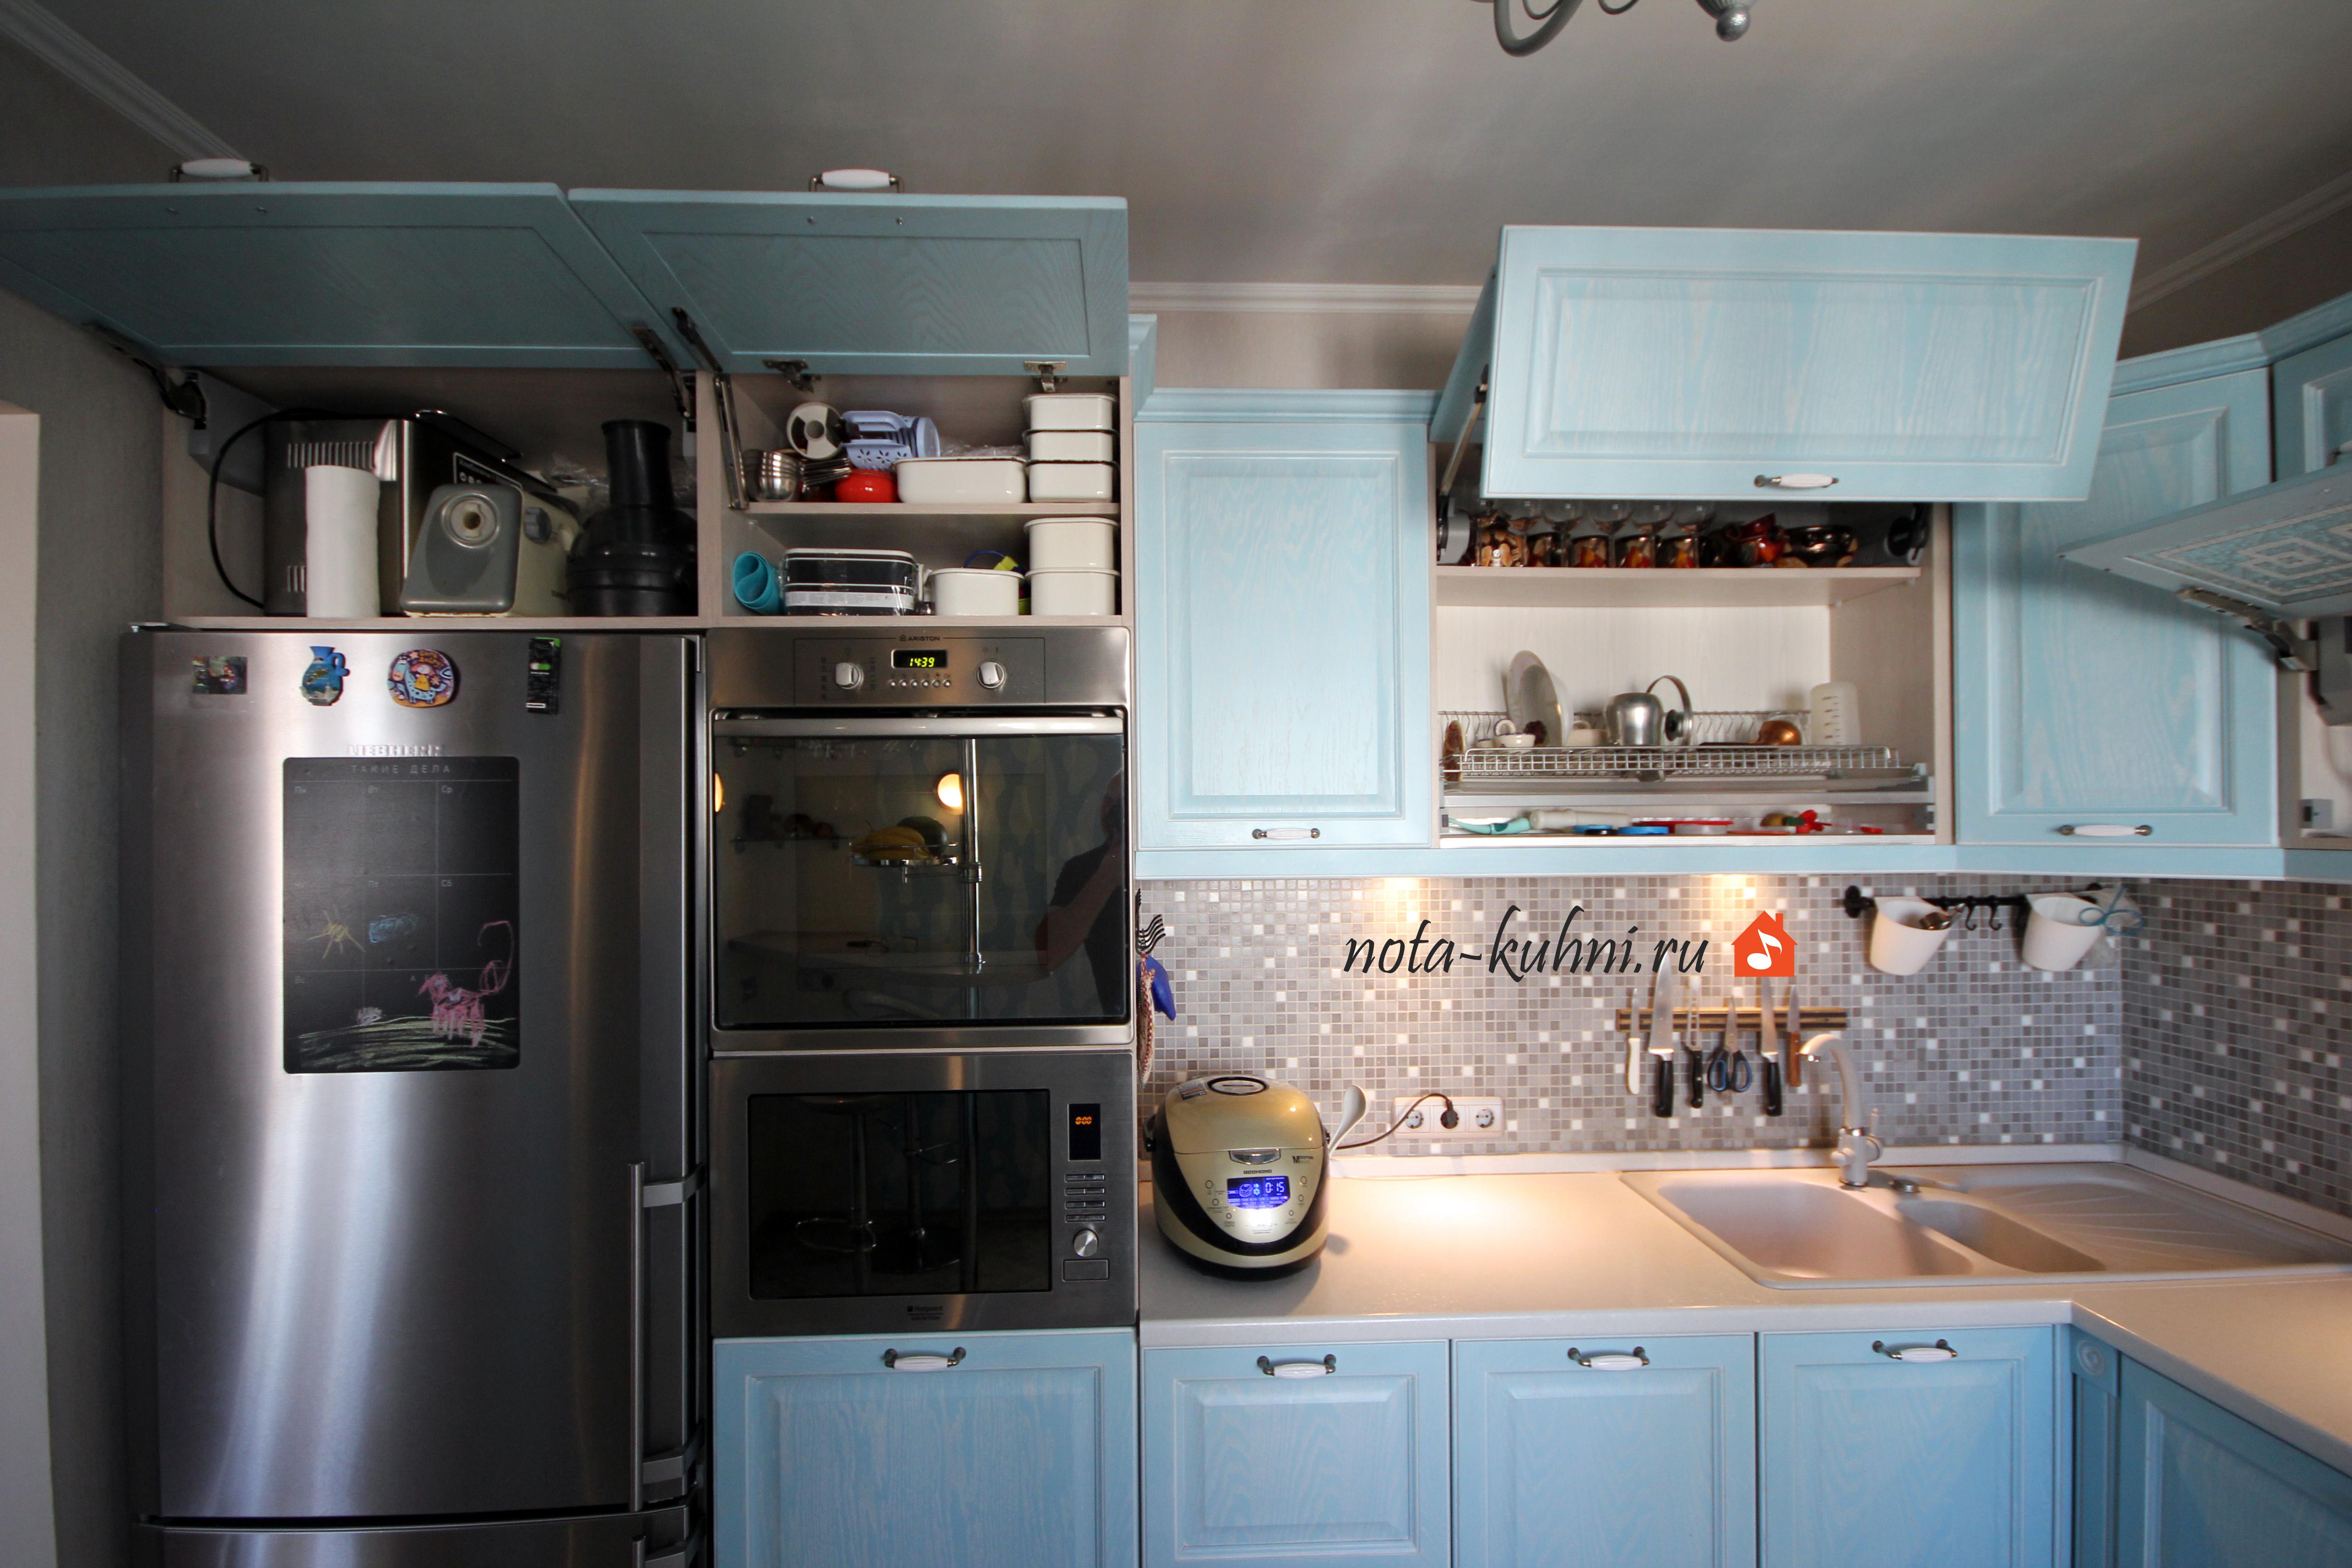 кухни прованс с механизмом aventos HK blum